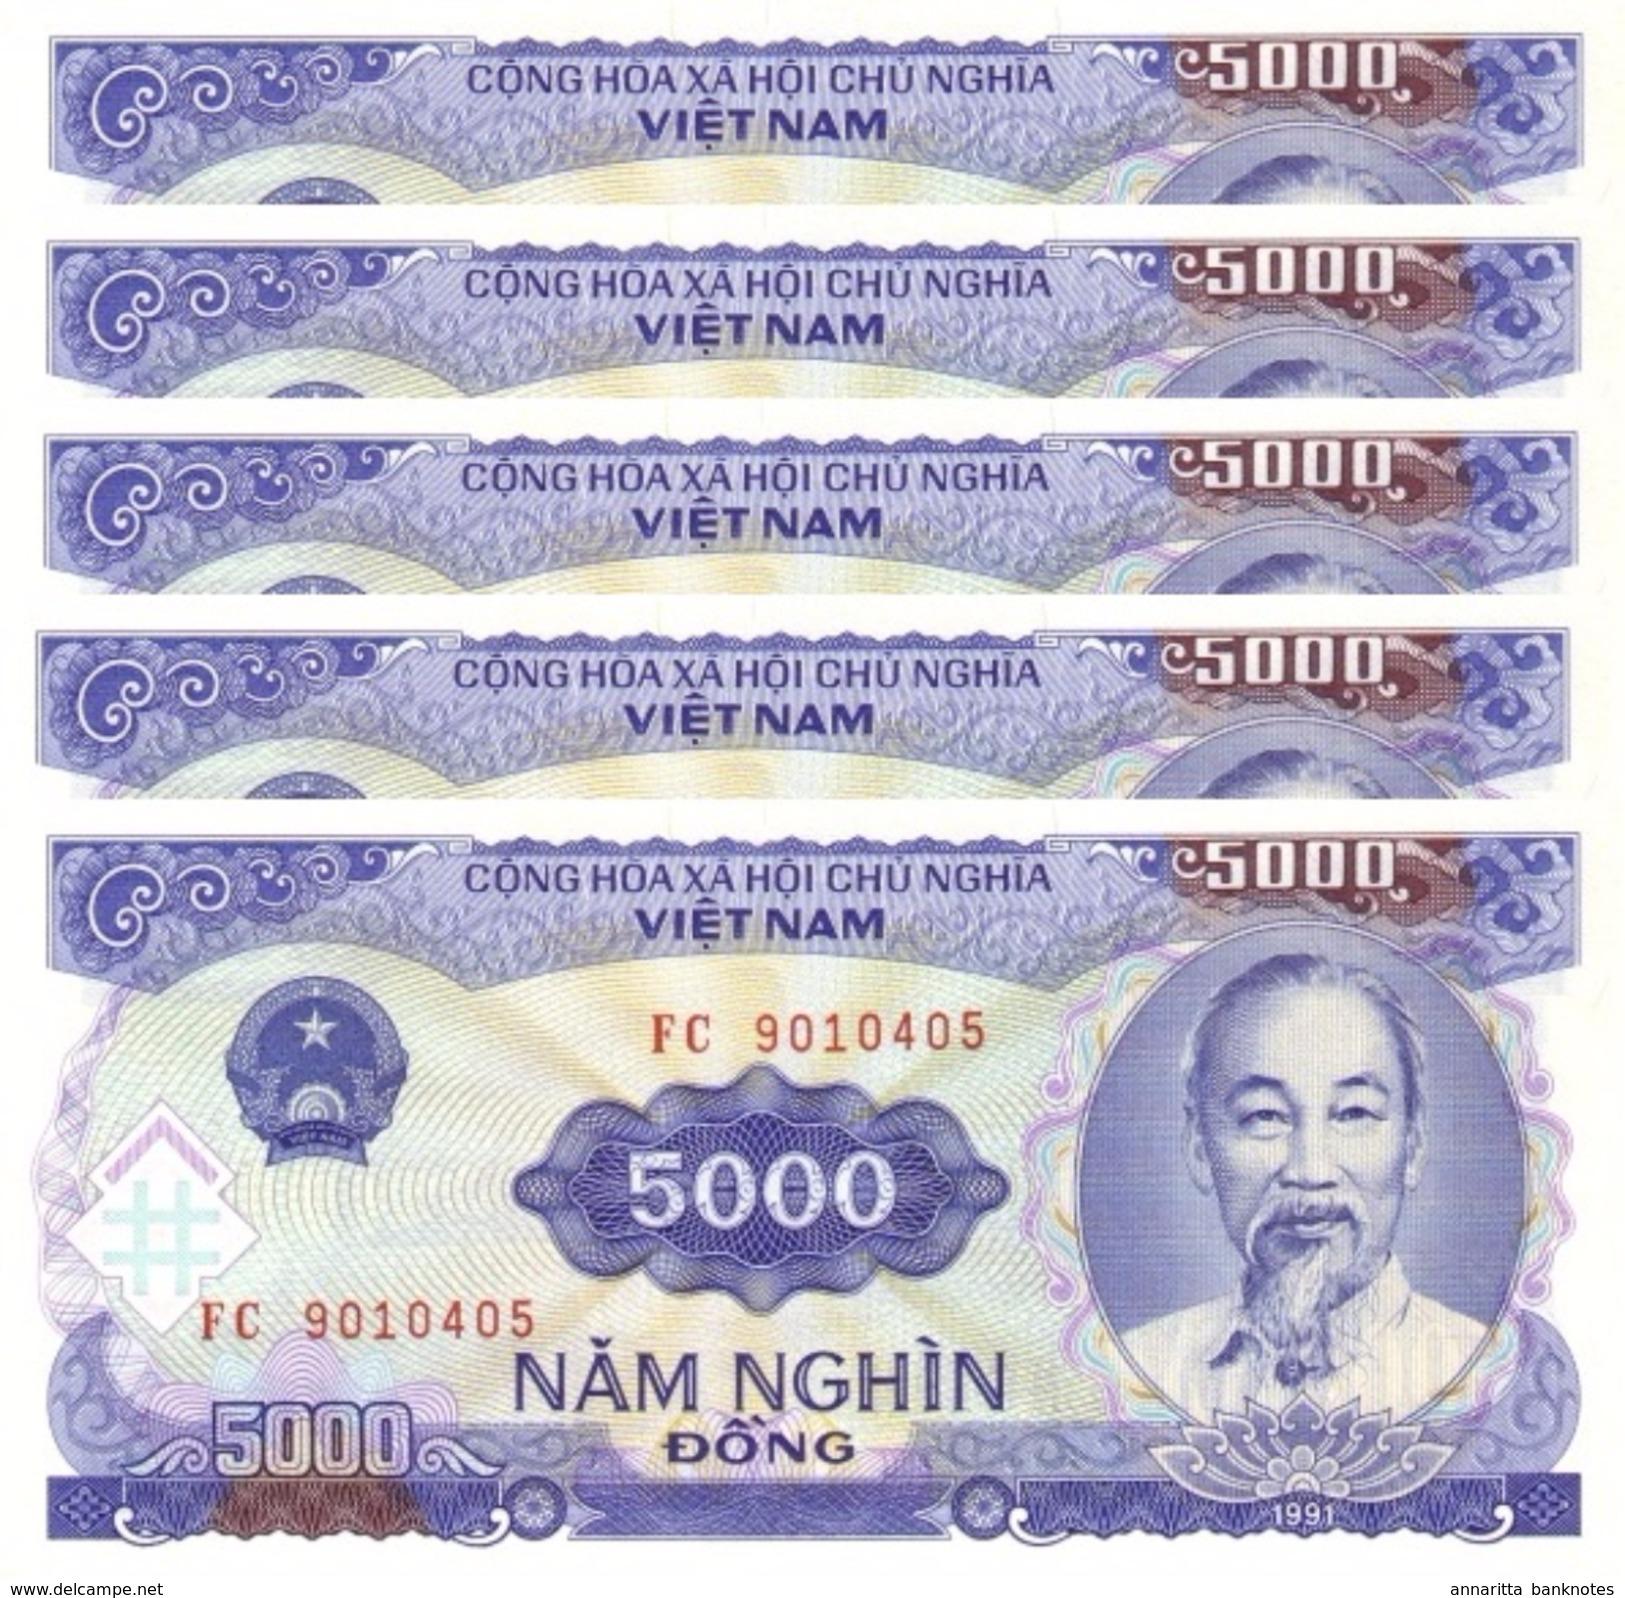 VIETNAM 5000 DONG 1991 (1993) P-108a UNC 5 PCS [VN336a] - Vietnam